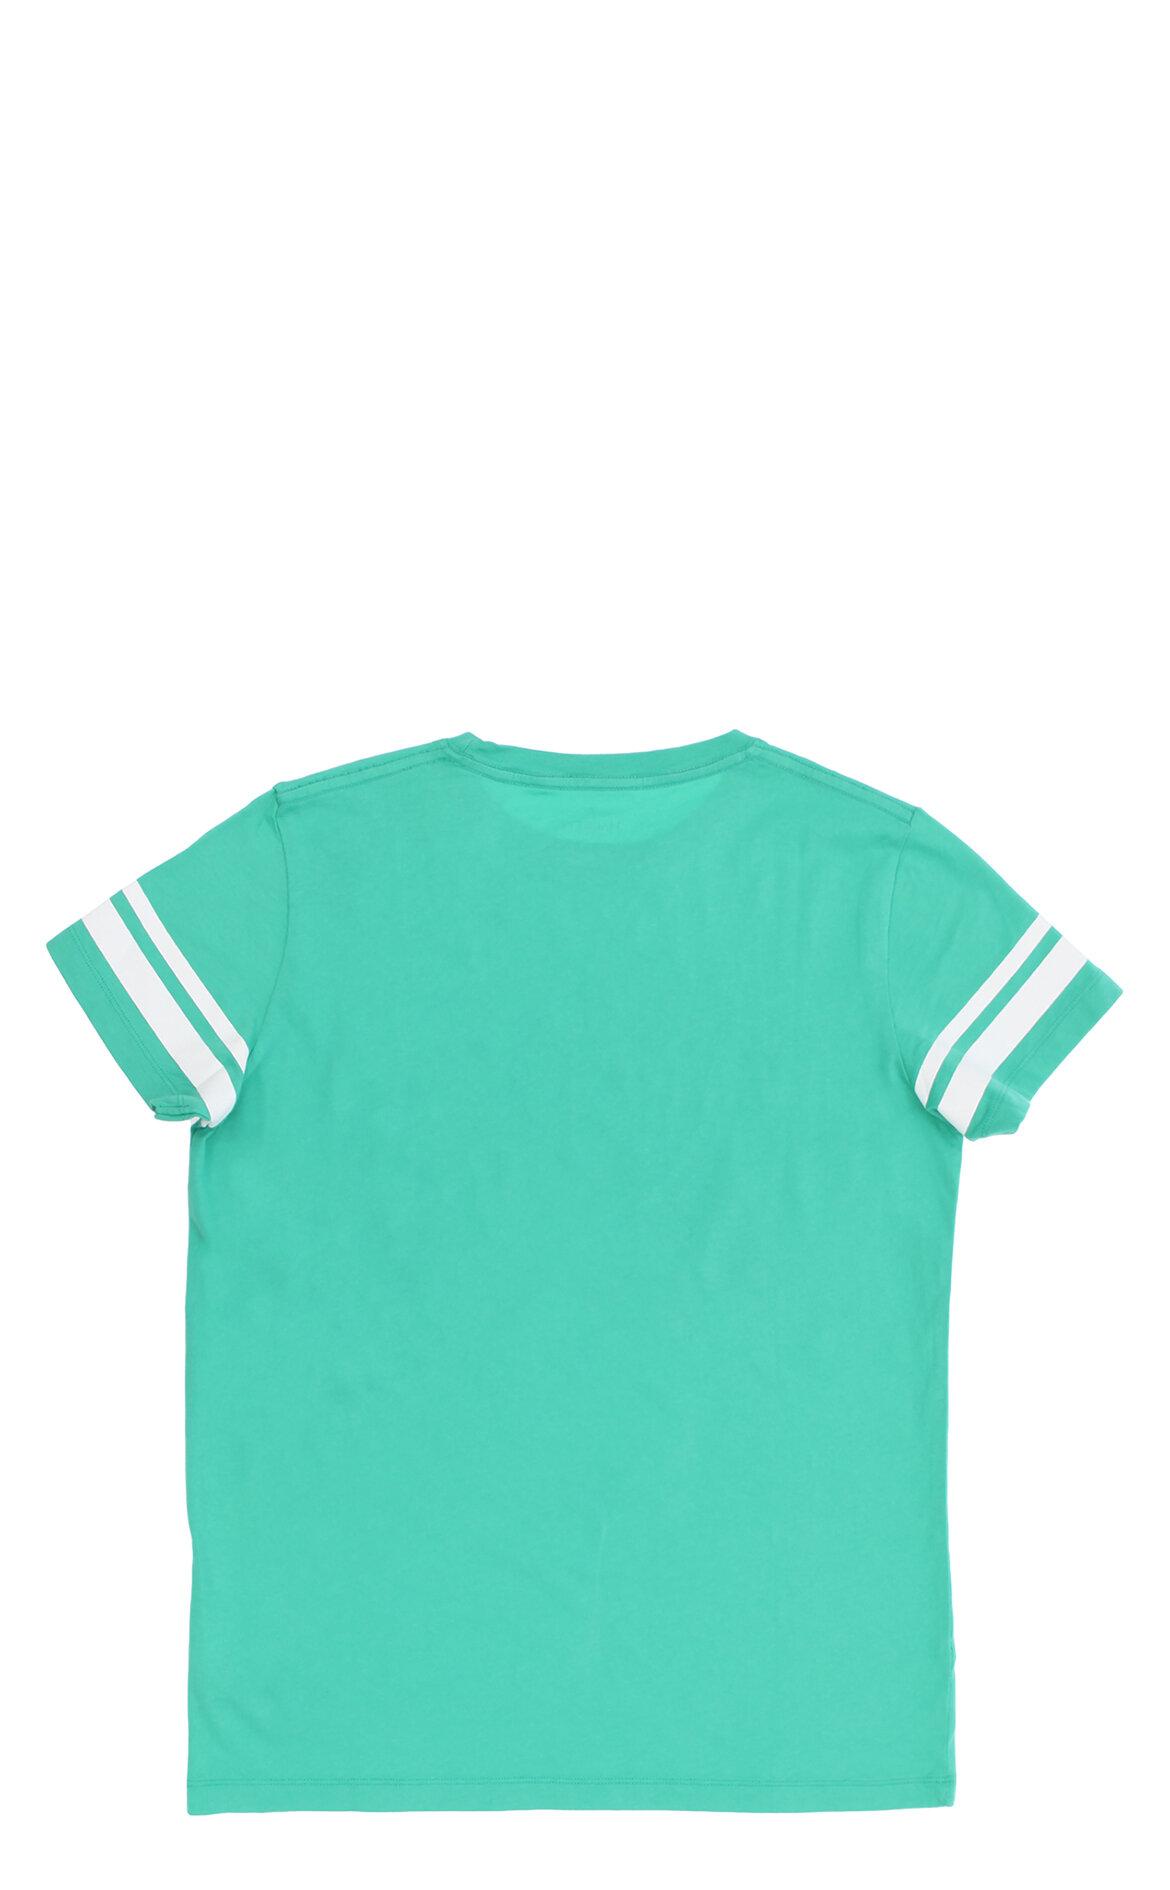 Hackett Erkek Çocuk  Baskı Desen Yeşil T-Shirt